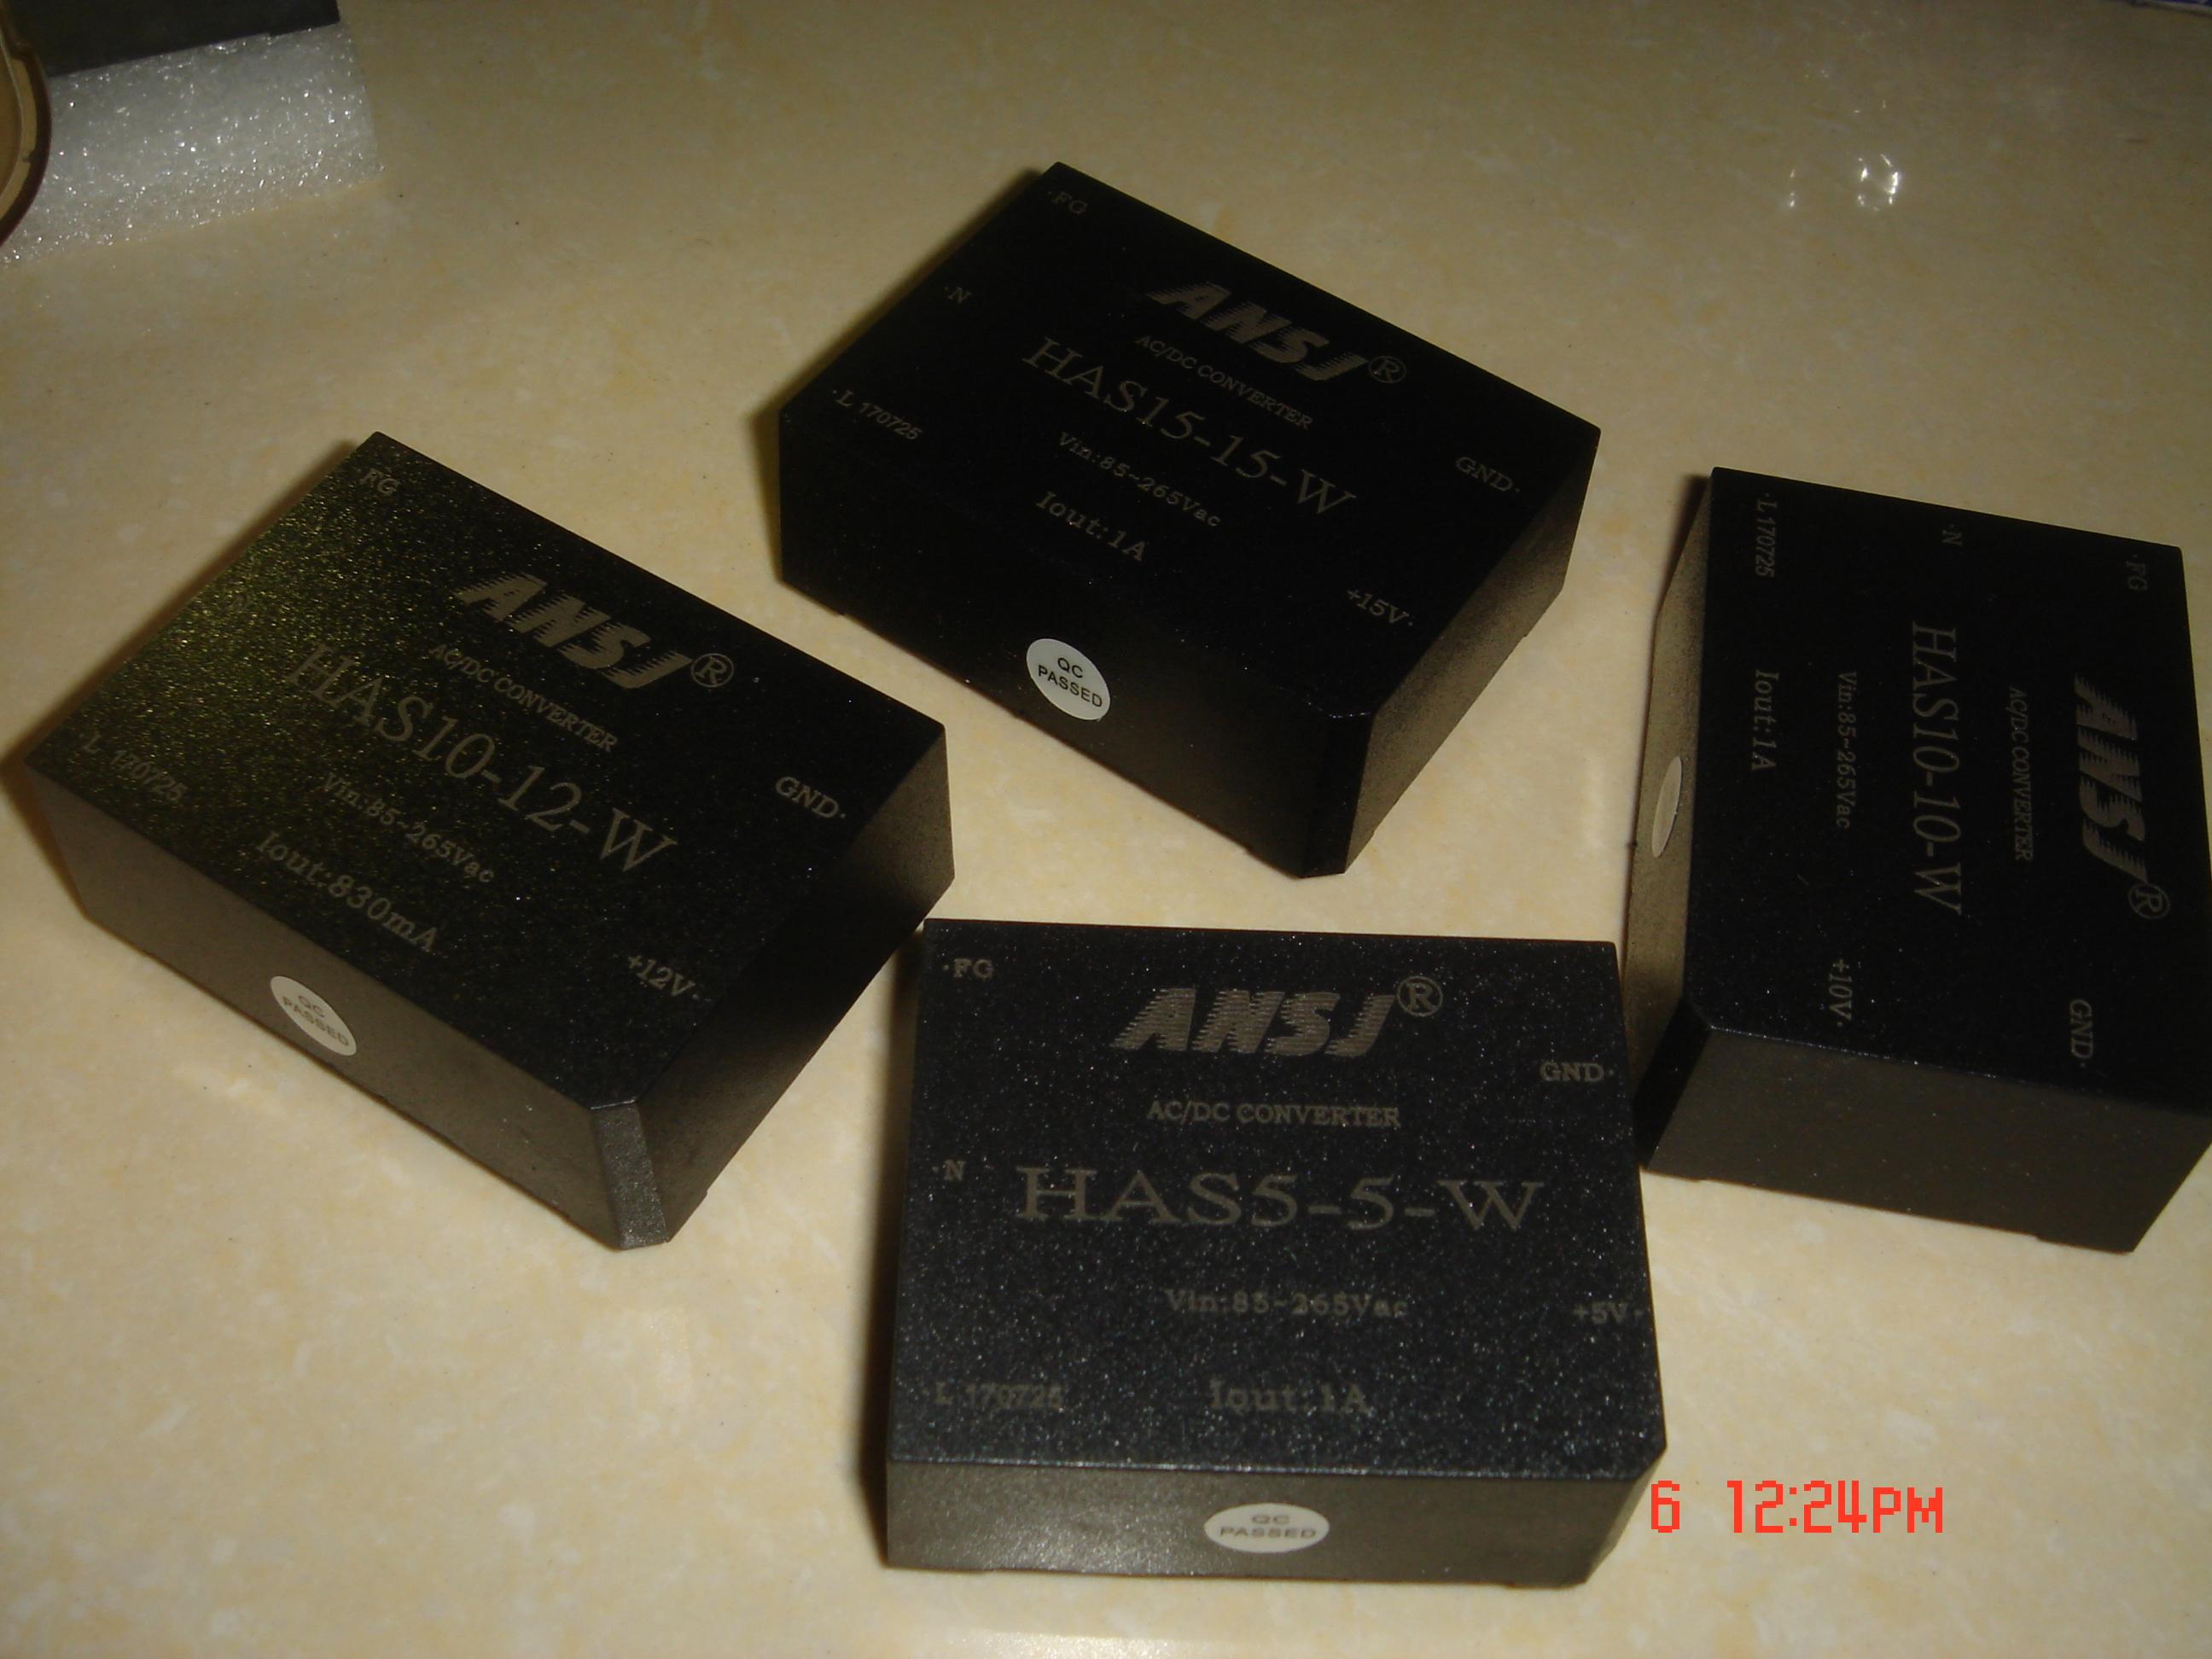 HAS5-15-W 安时捷 ANSJ AC-DC 5W 220转15V 代替 Harevst电源模块